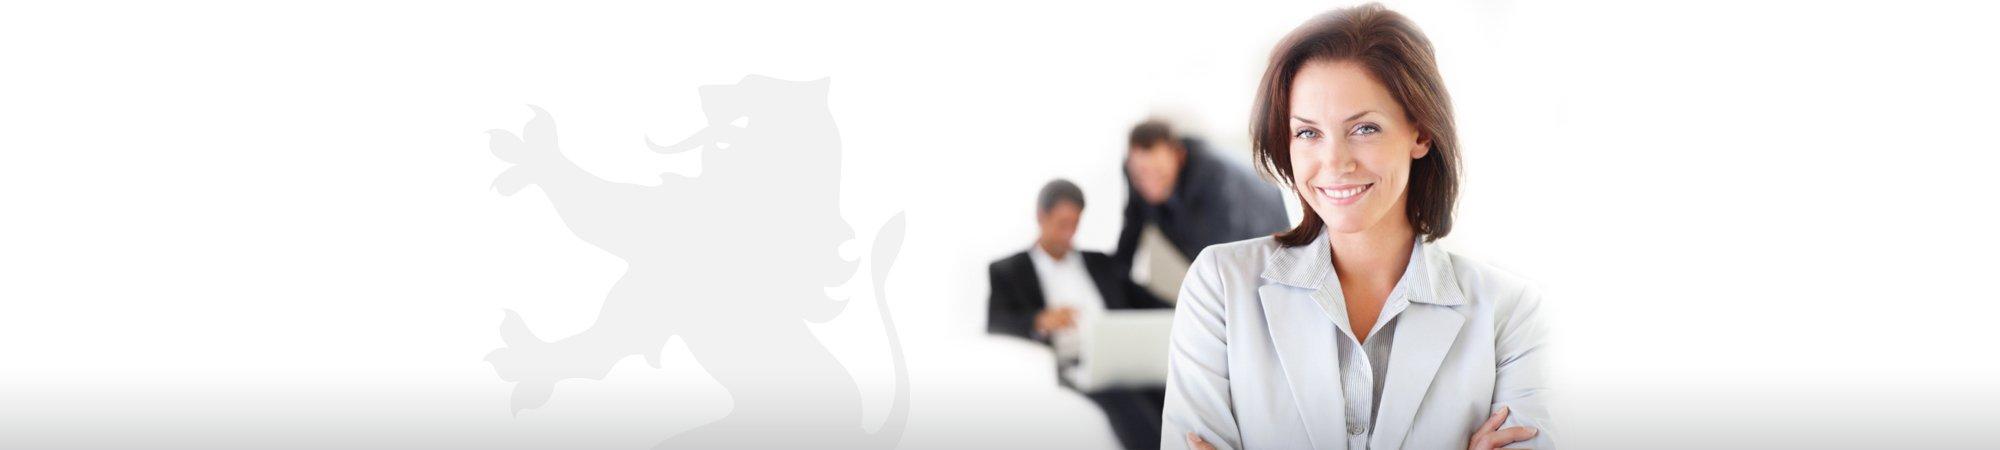 des sites pour trouver des partenaires en ligne flandre